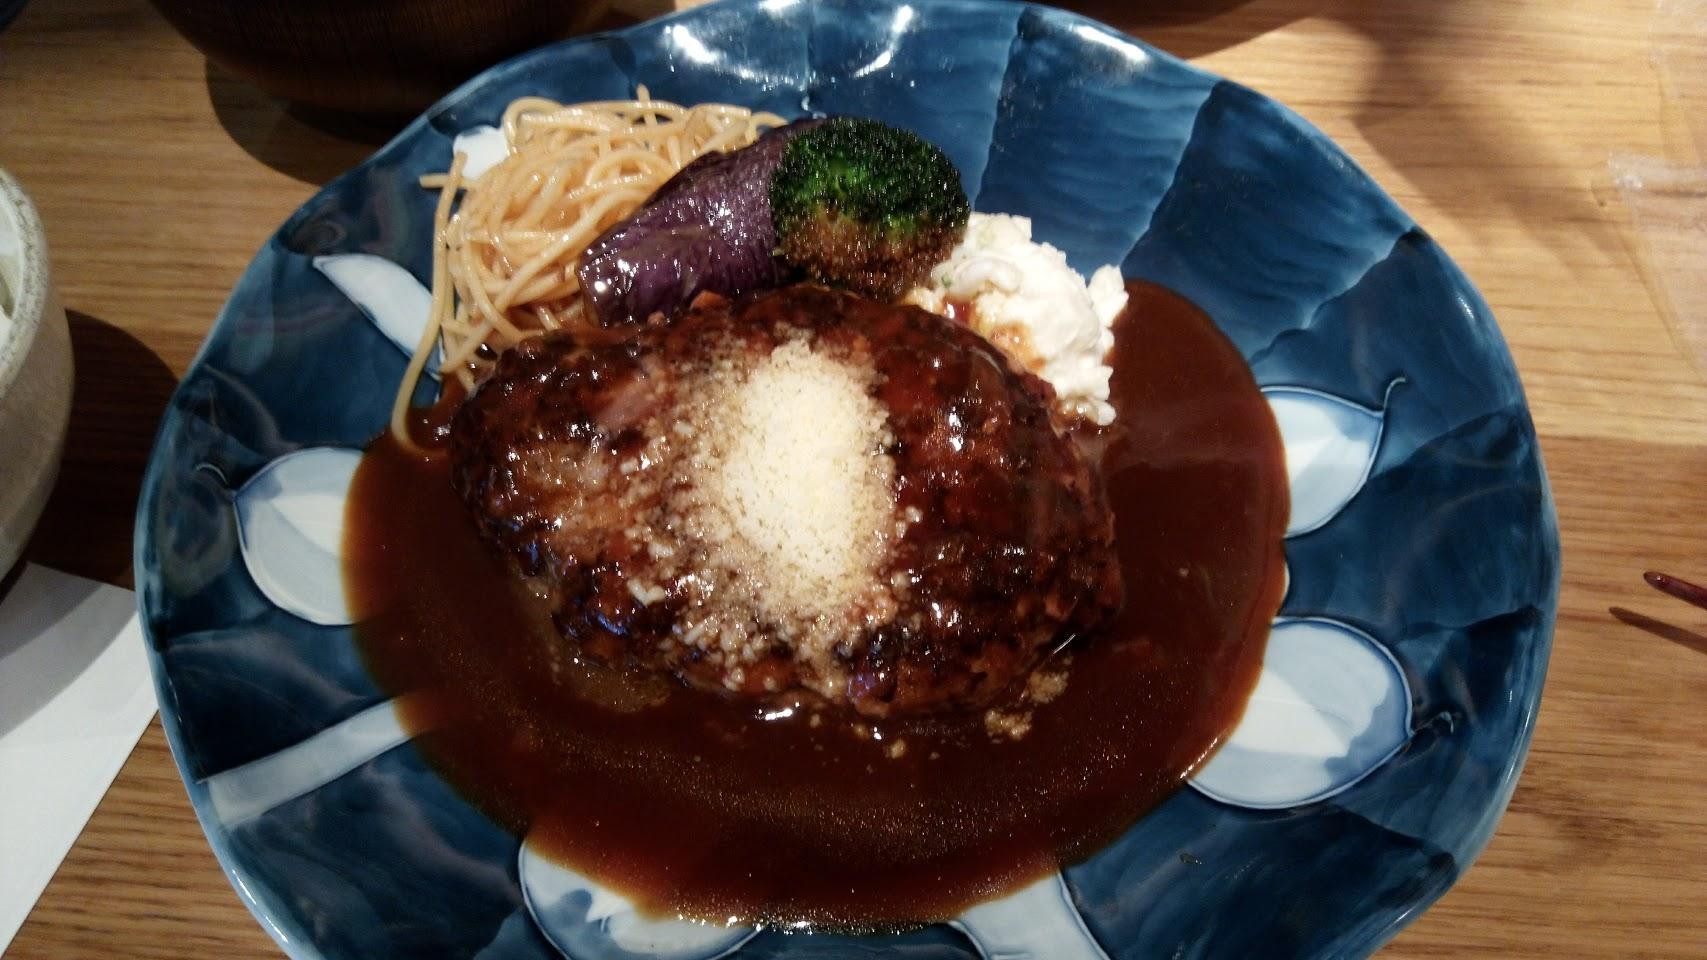 【美味しい渋谷のハンバーグ】山本のハンバーグ。ふんわりハンバーグ1,200円。つけ合わせの野菜は指定可能だそうで。